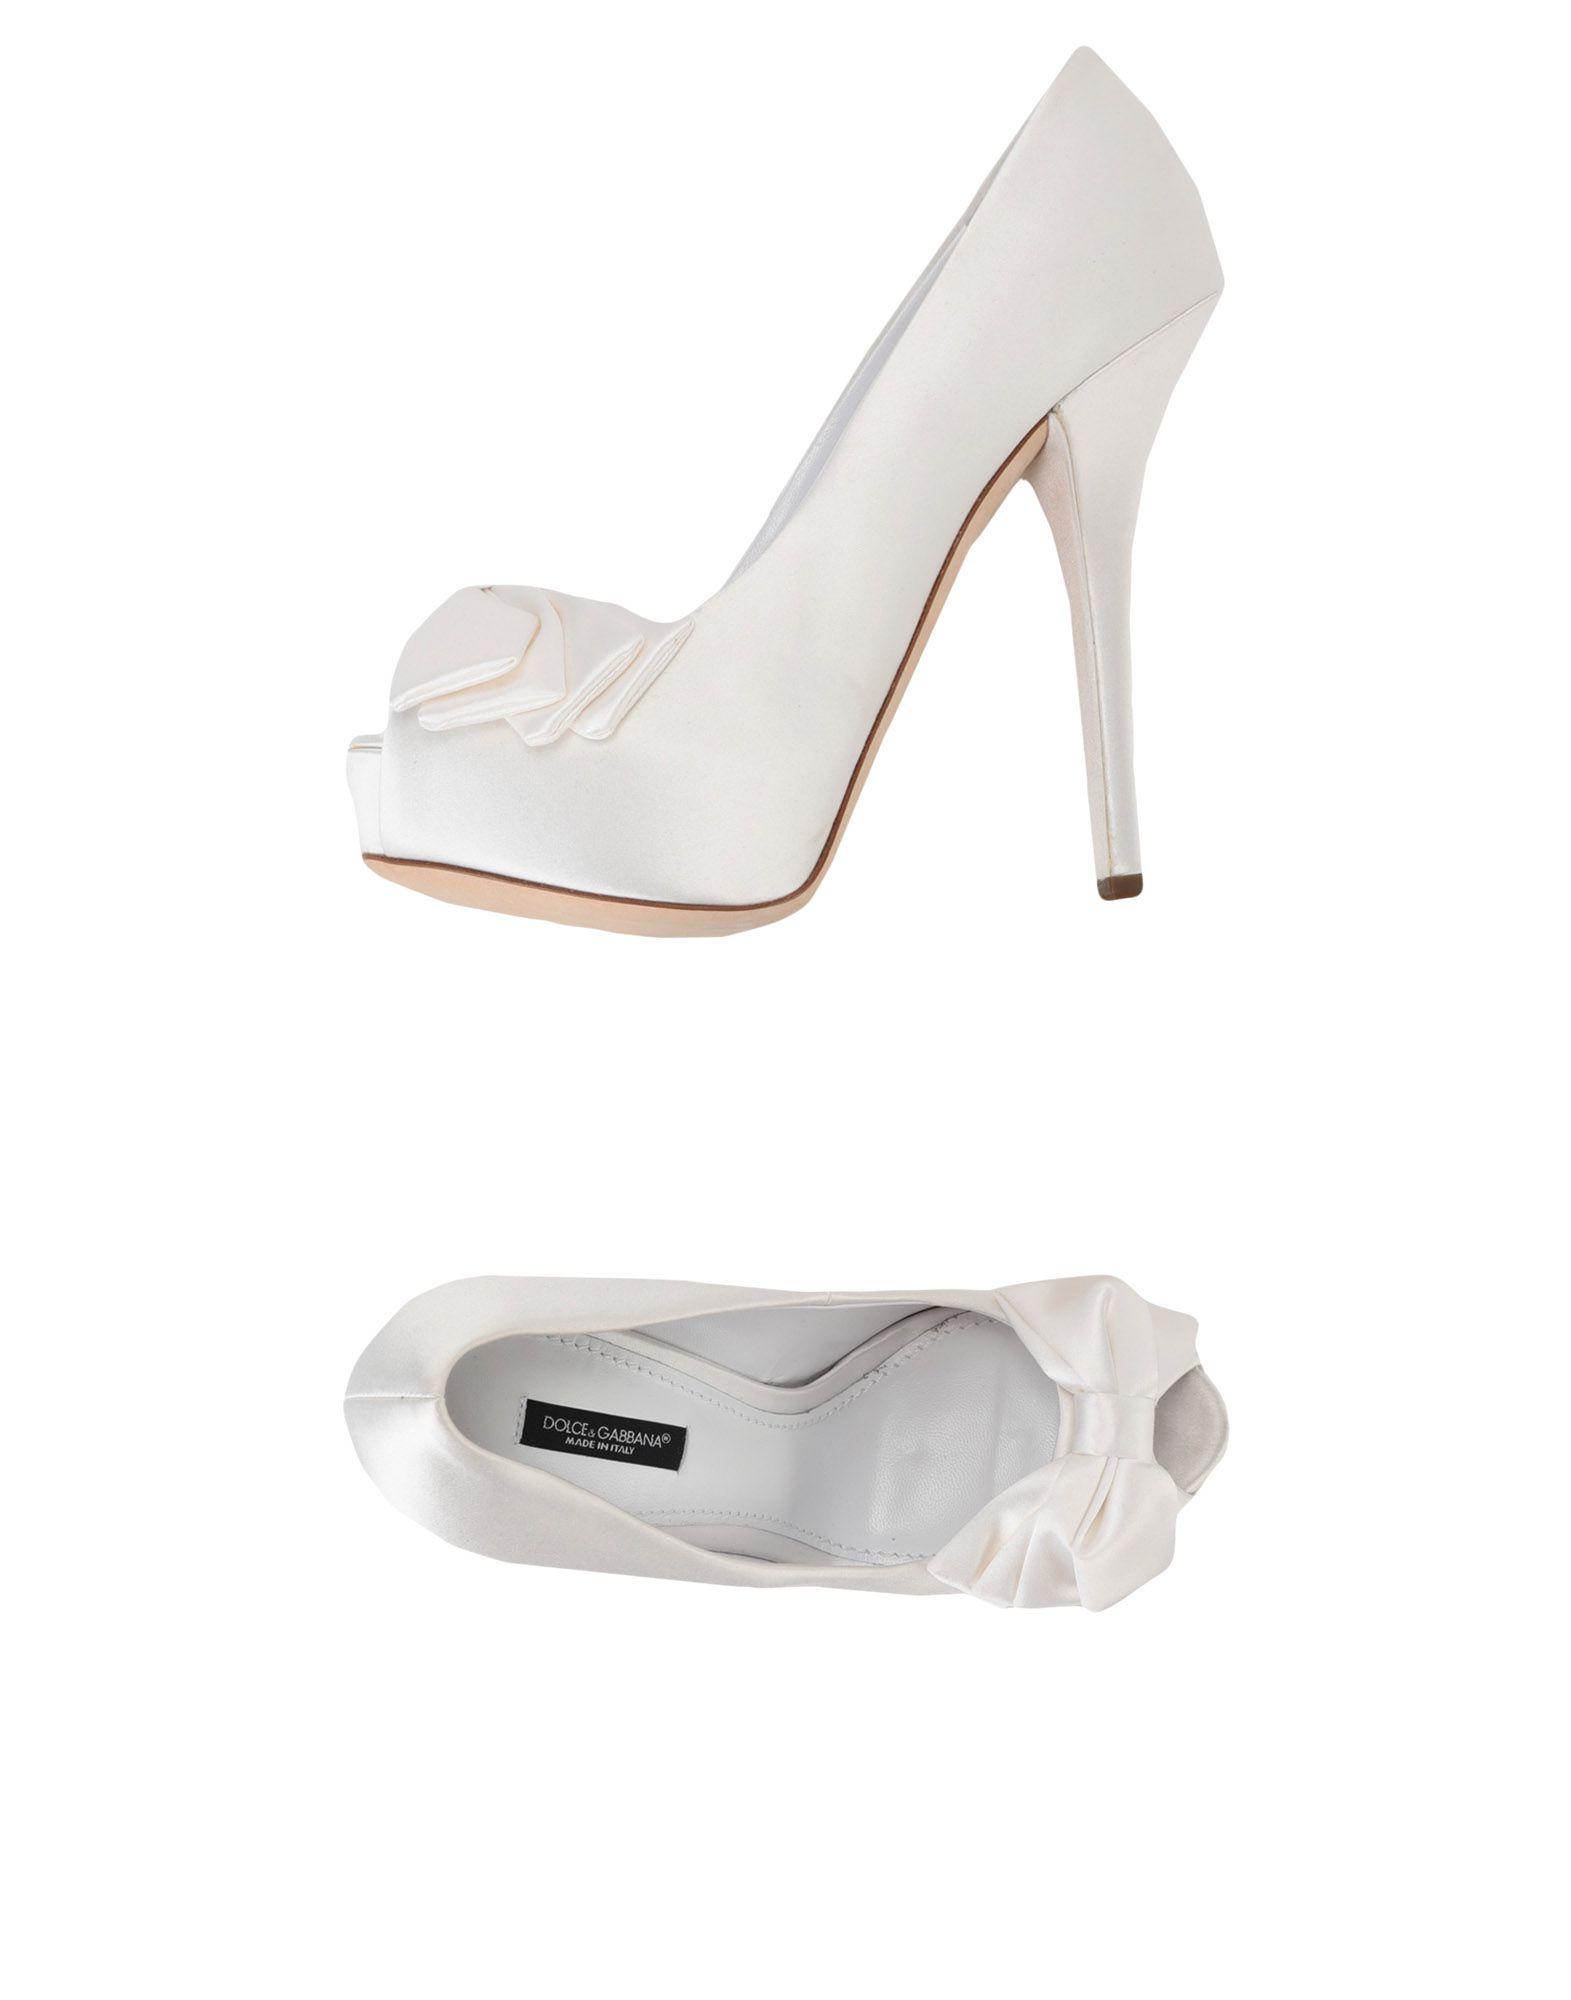 Dolce & Gabbana Pumps Damen Gutes sich Preis-Leistungs-Verhältnis, es lohnt sich Gutes 9ea227